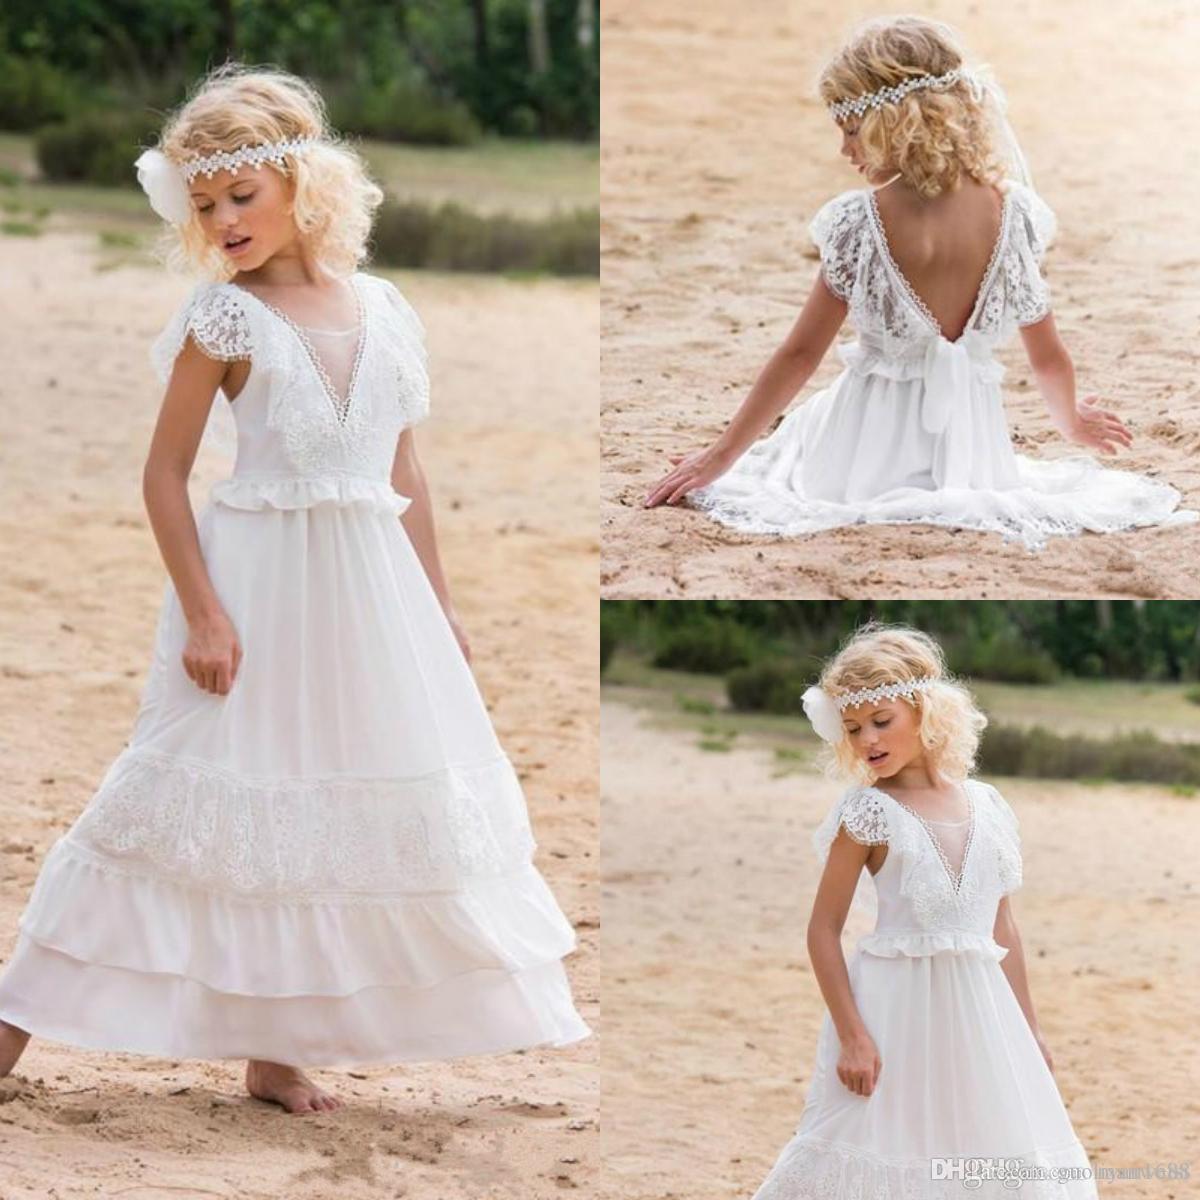 Sahil Düğün Yarışması Gowns A Hattı Boho Dantel V Yaka Çocuk ilk komünyon Dress858 için ucuz Bohemian Beyaz Çiçek Kız Elbise